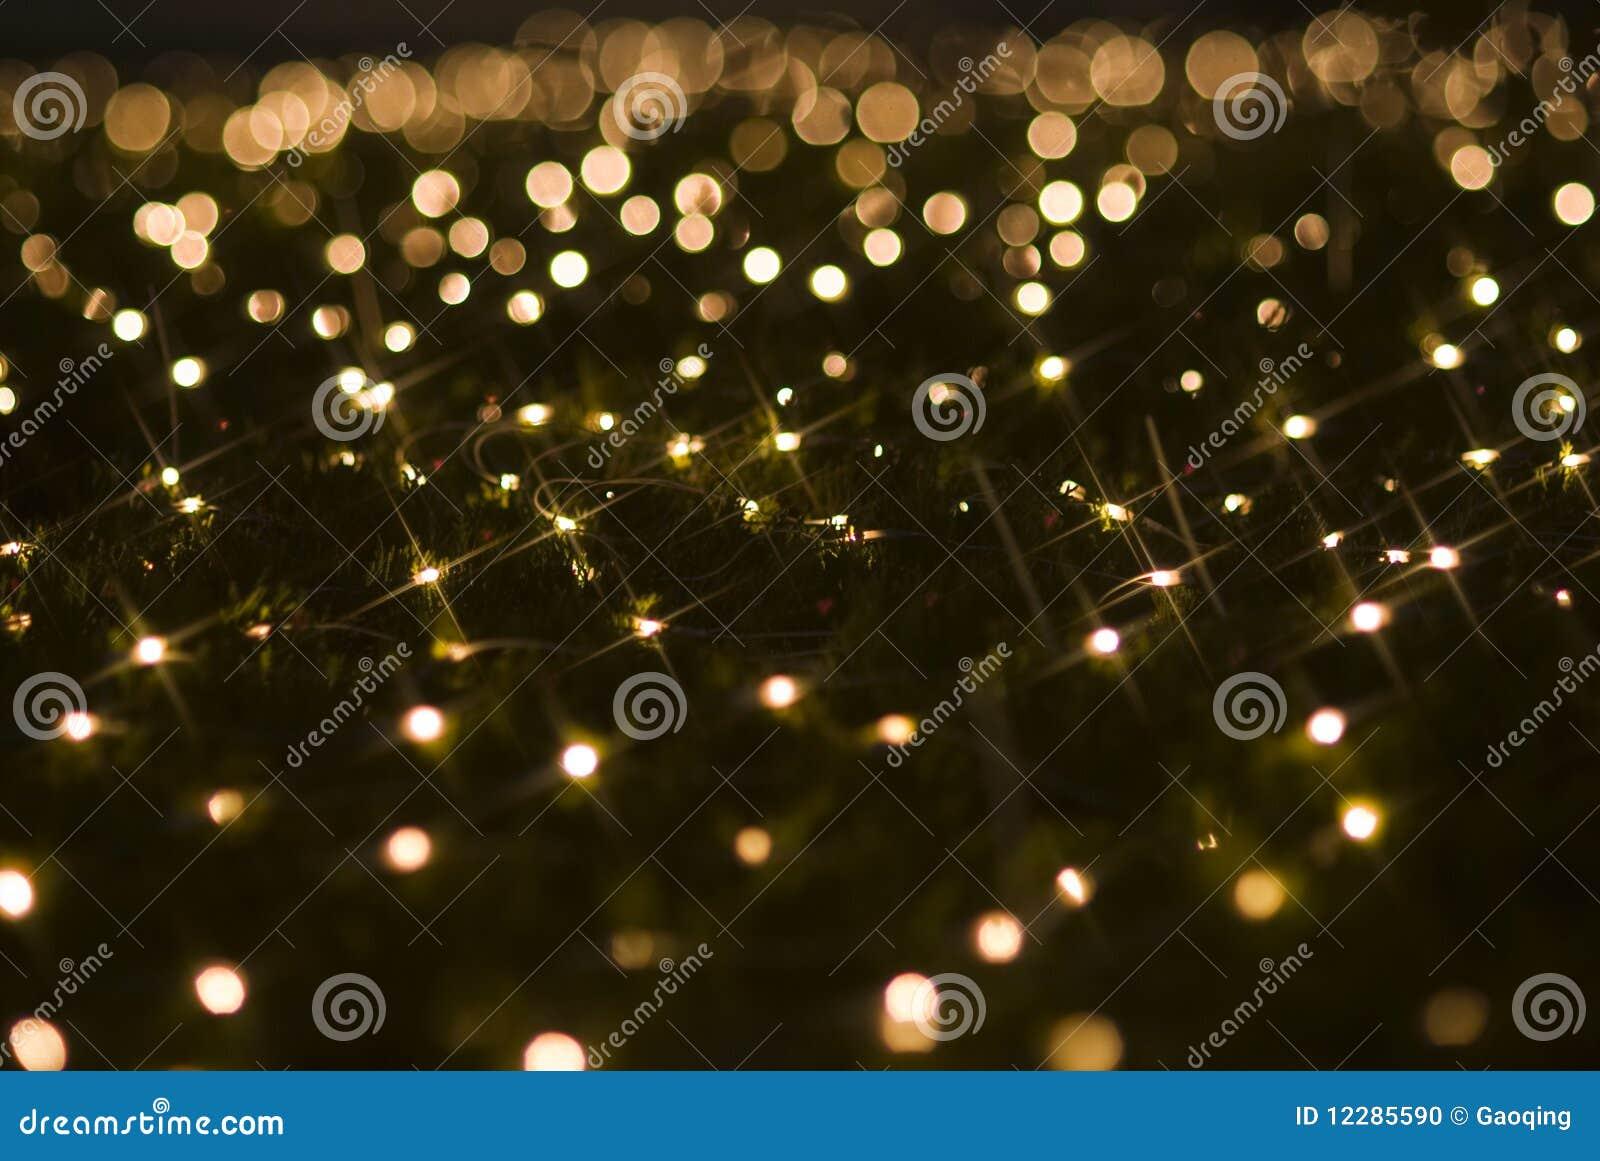 Sequins scintillanti di effetti delle luci di festa di natale